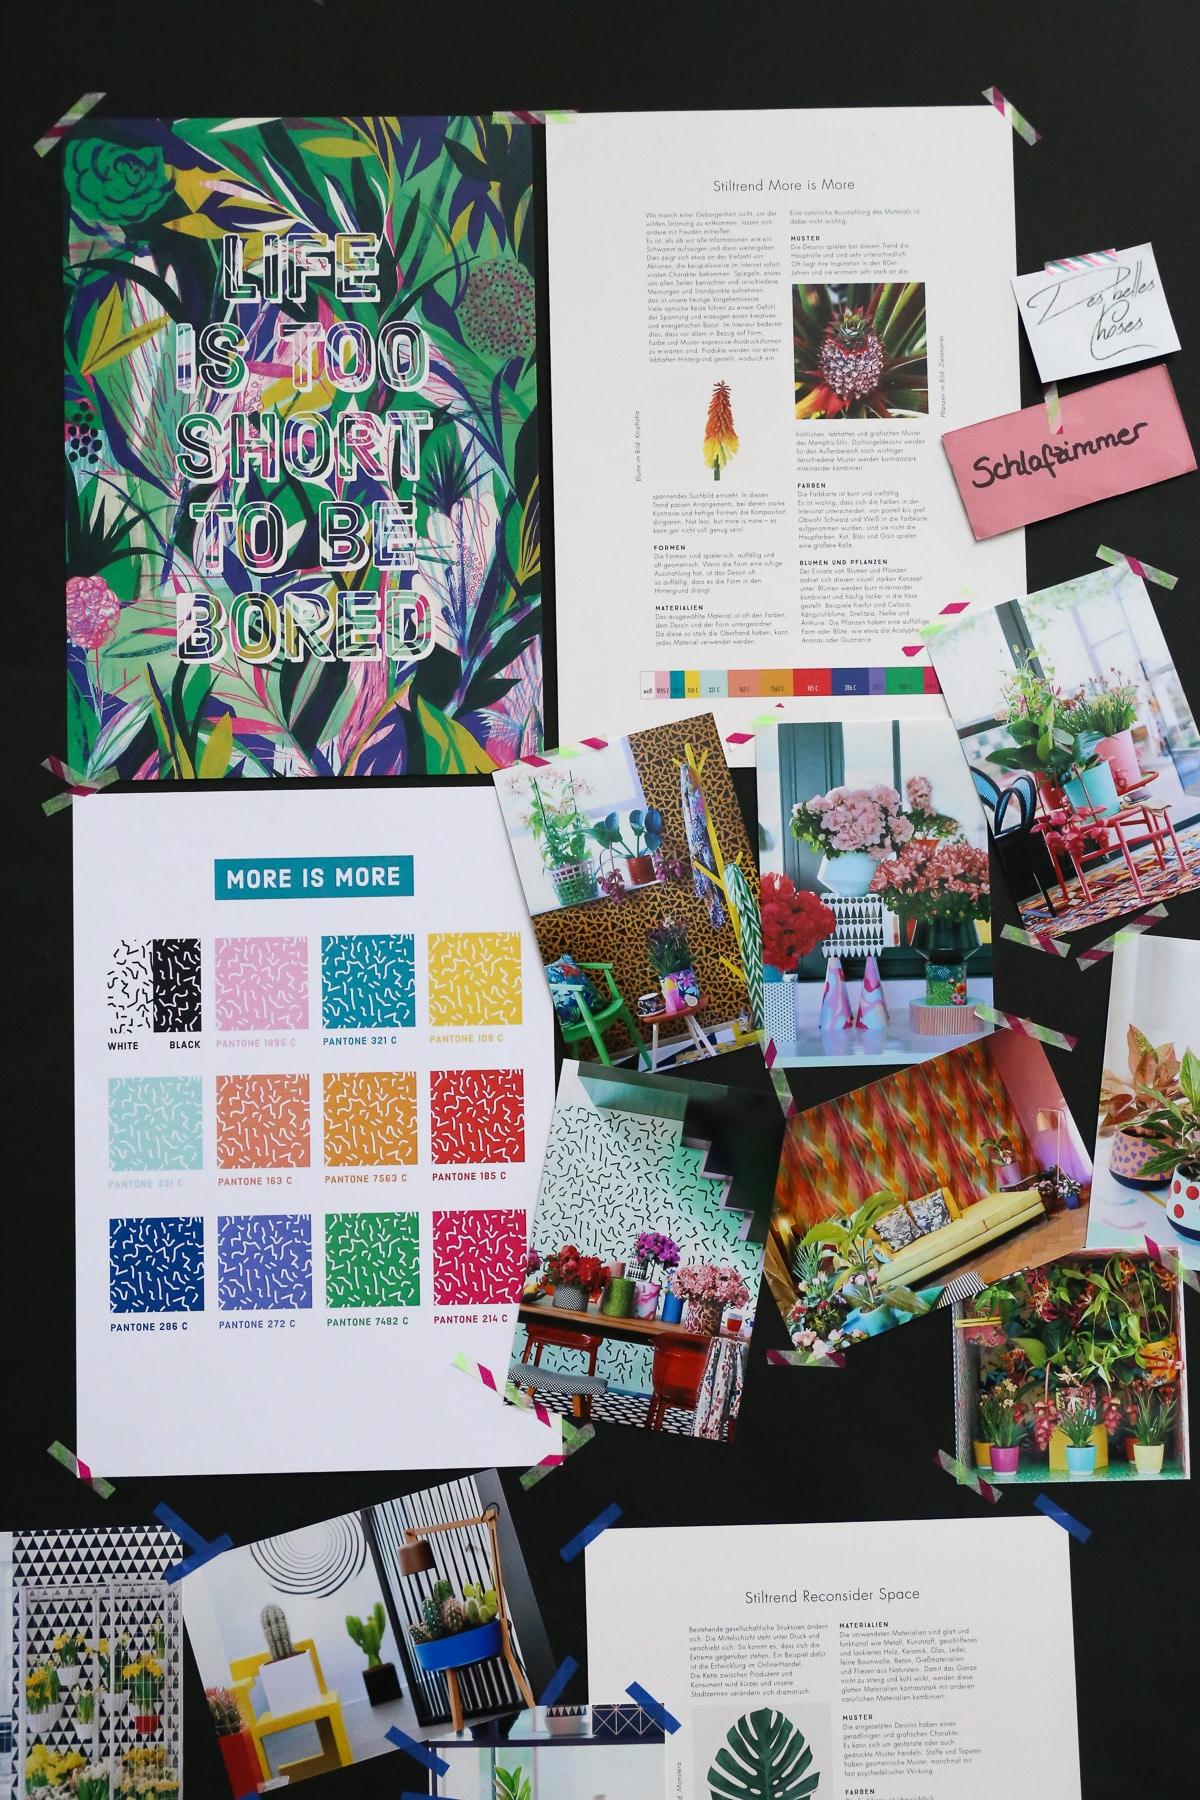 desbelleschoses-blog-köln-event-pflanzenfreude-workshop 5